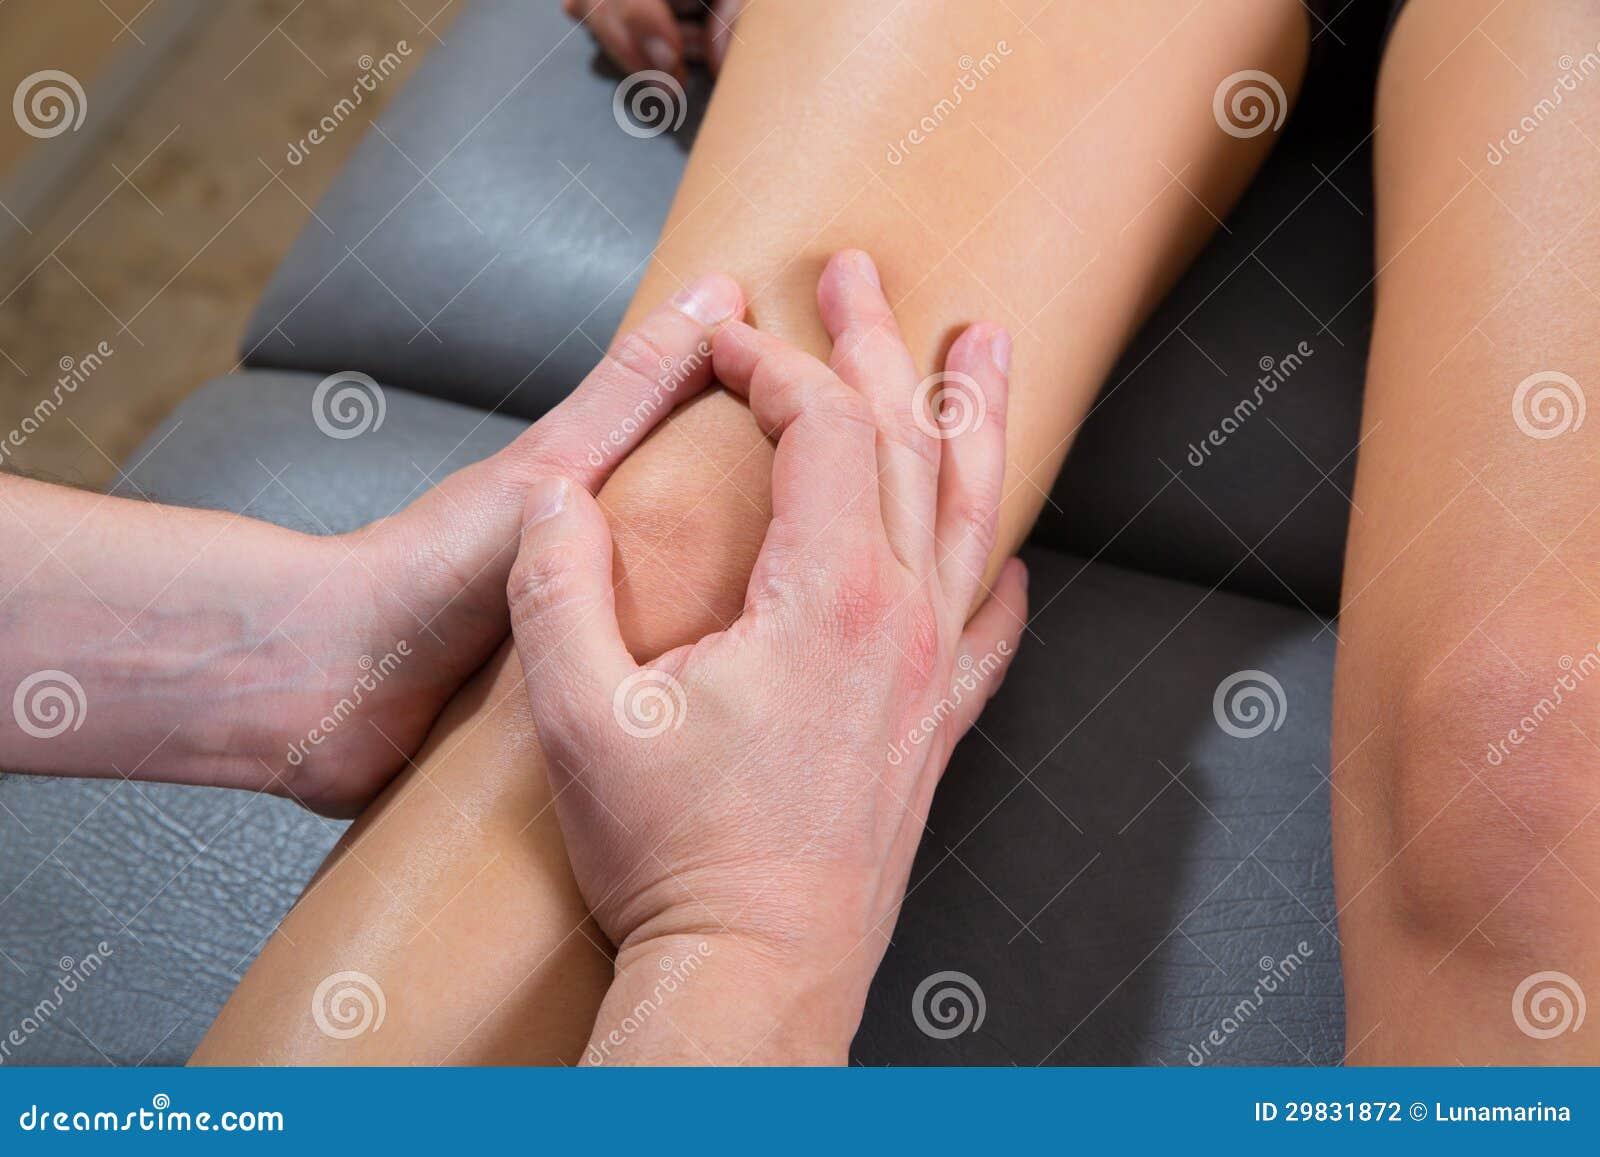 massaging a women Newcastle–Maitland